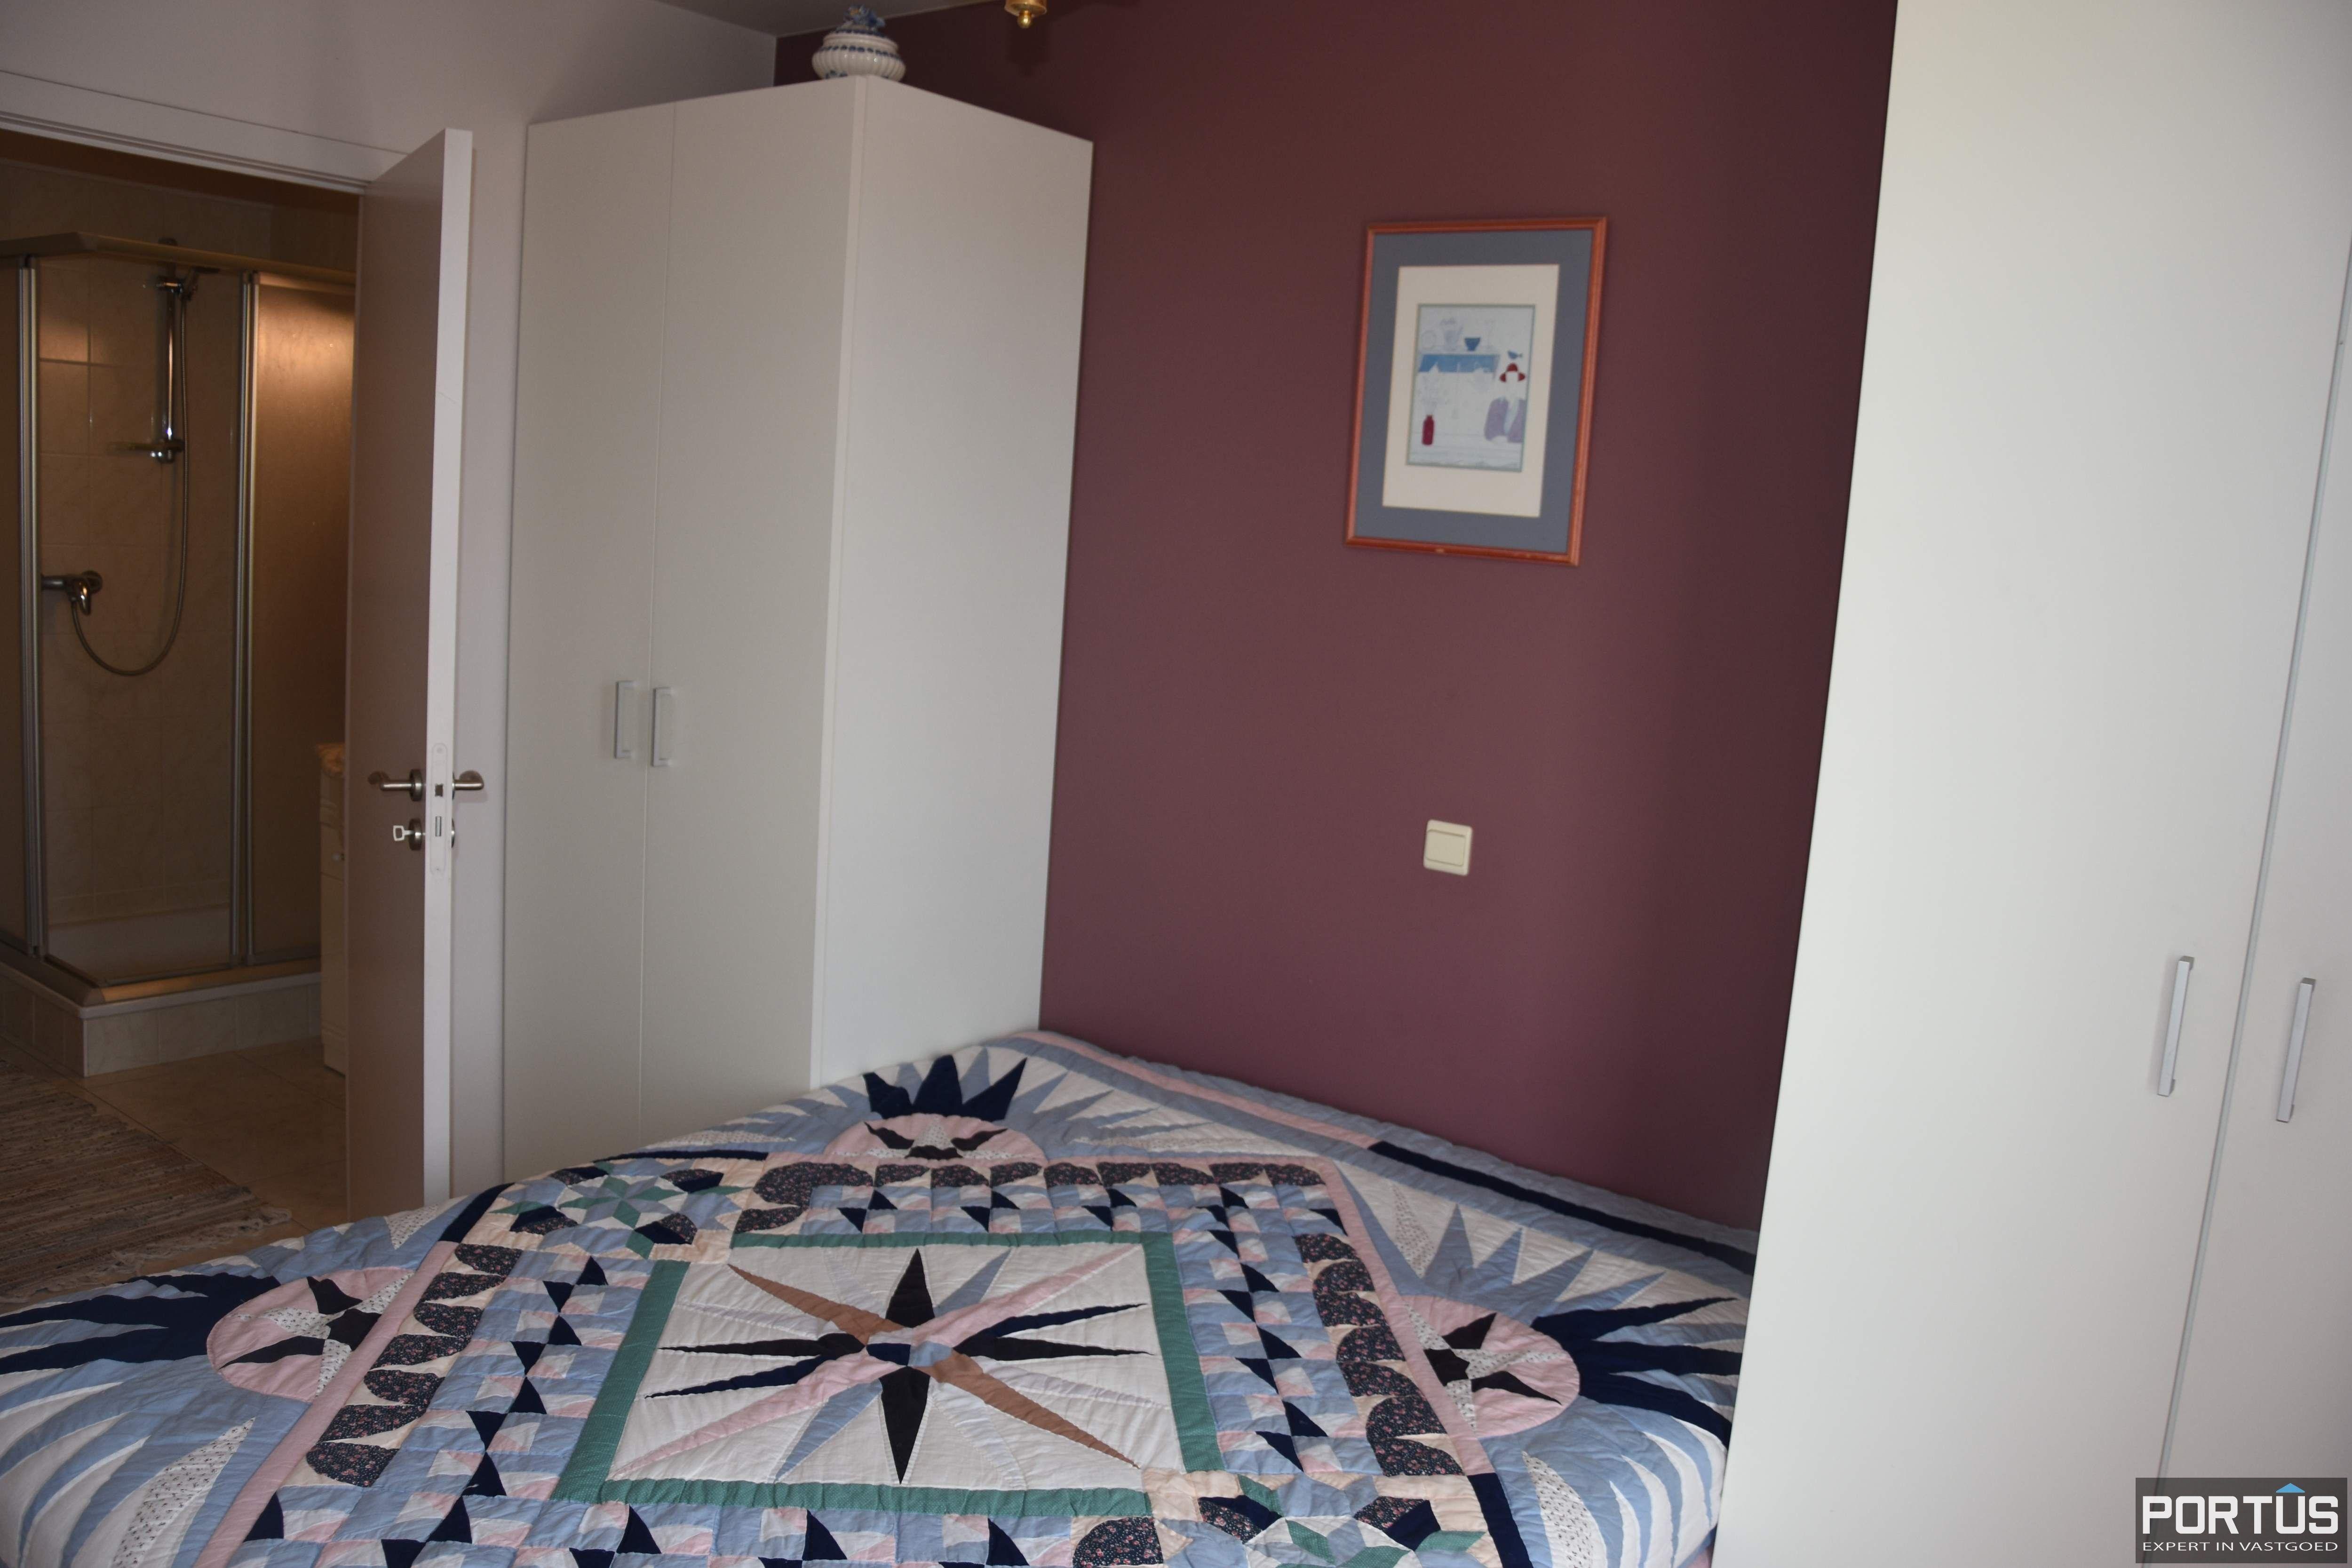 Appartement te huur met 1 slaapkamer te Nieuwpoort - 11650